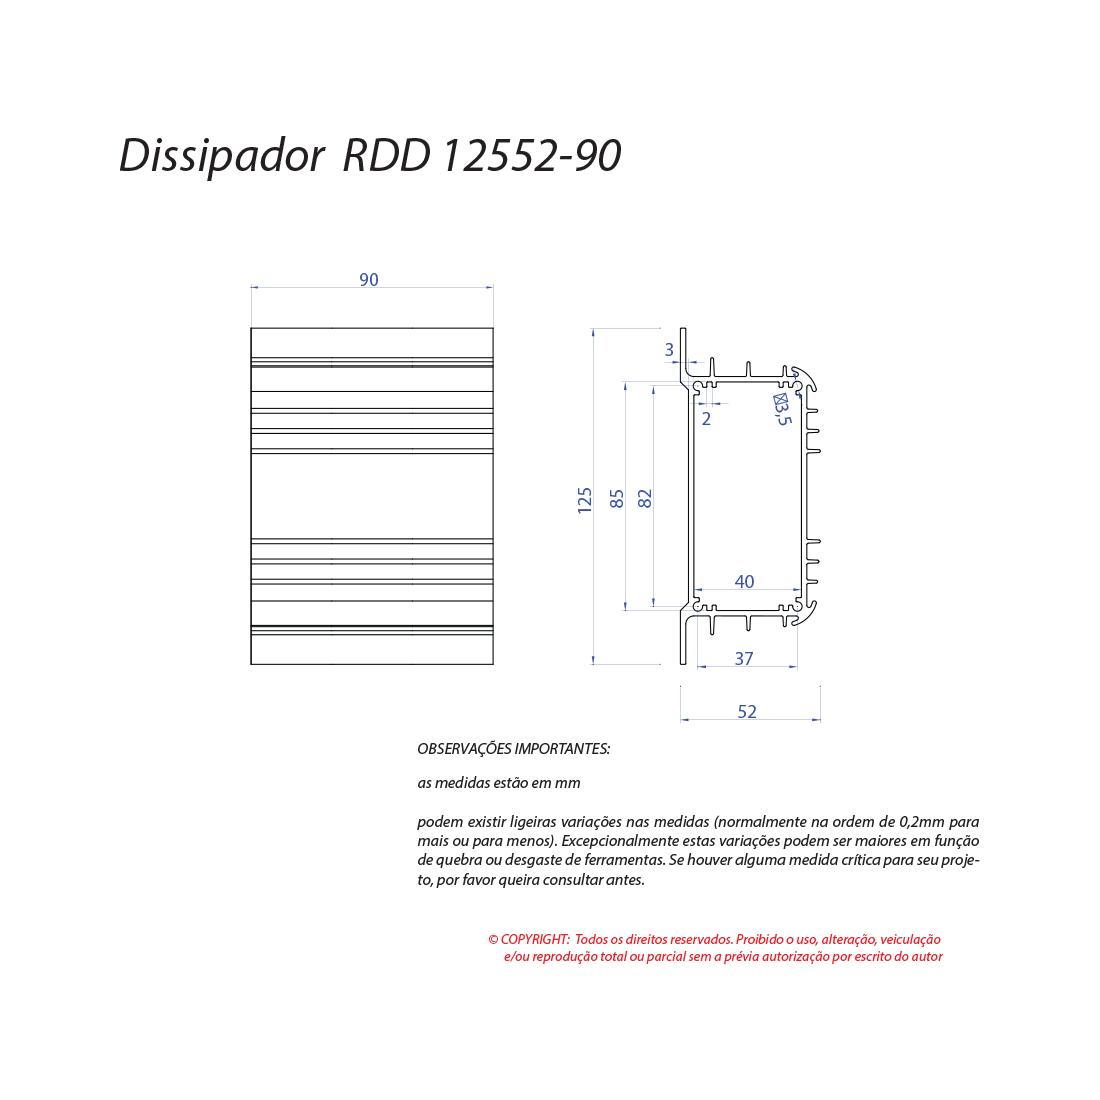 Dissipador de calor RDD 12552-90